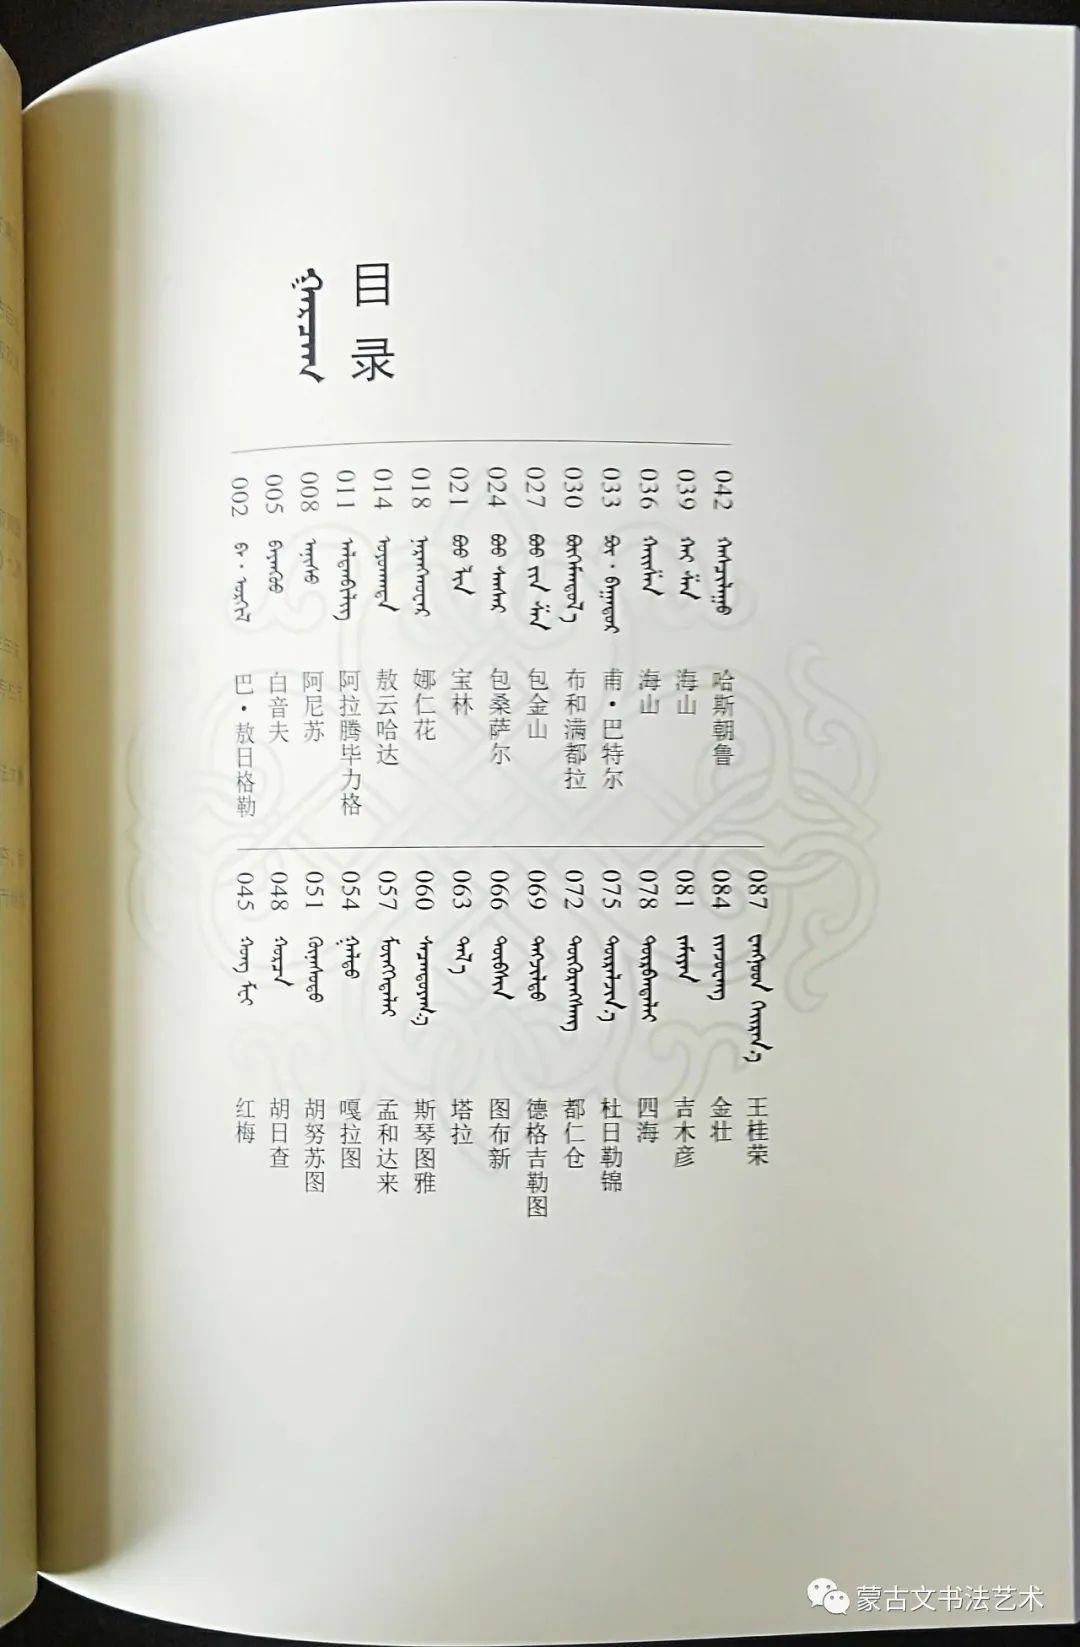 蒙古文书法全集 第17张 蒙古文书法全集 蒙古书法